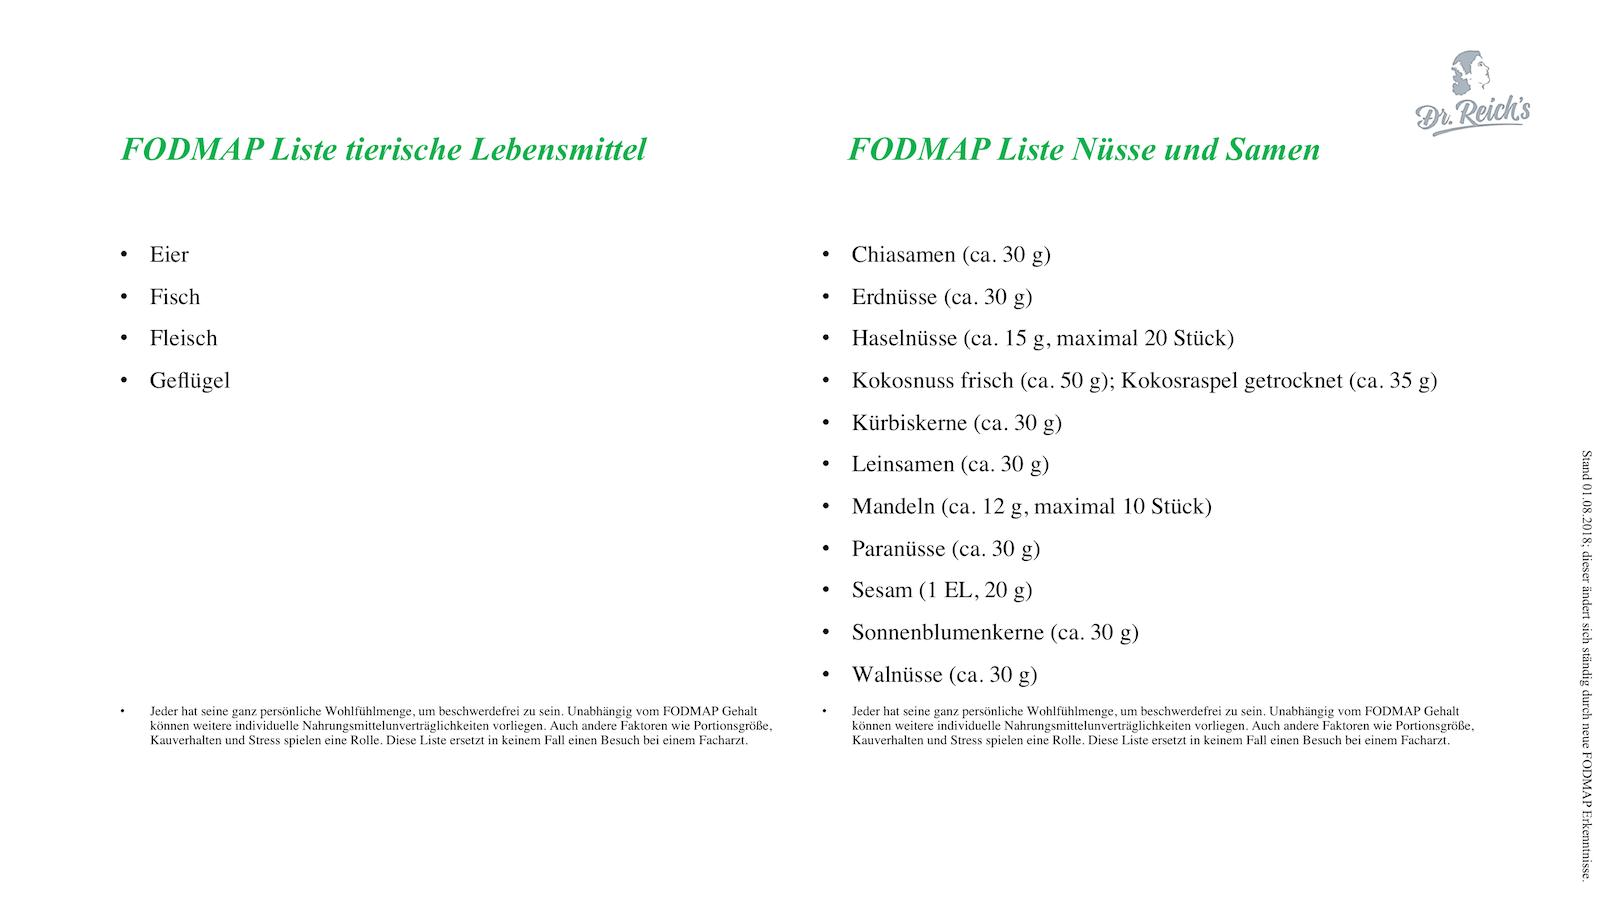 FODMAP Liste Proteine Nuesse und Samen